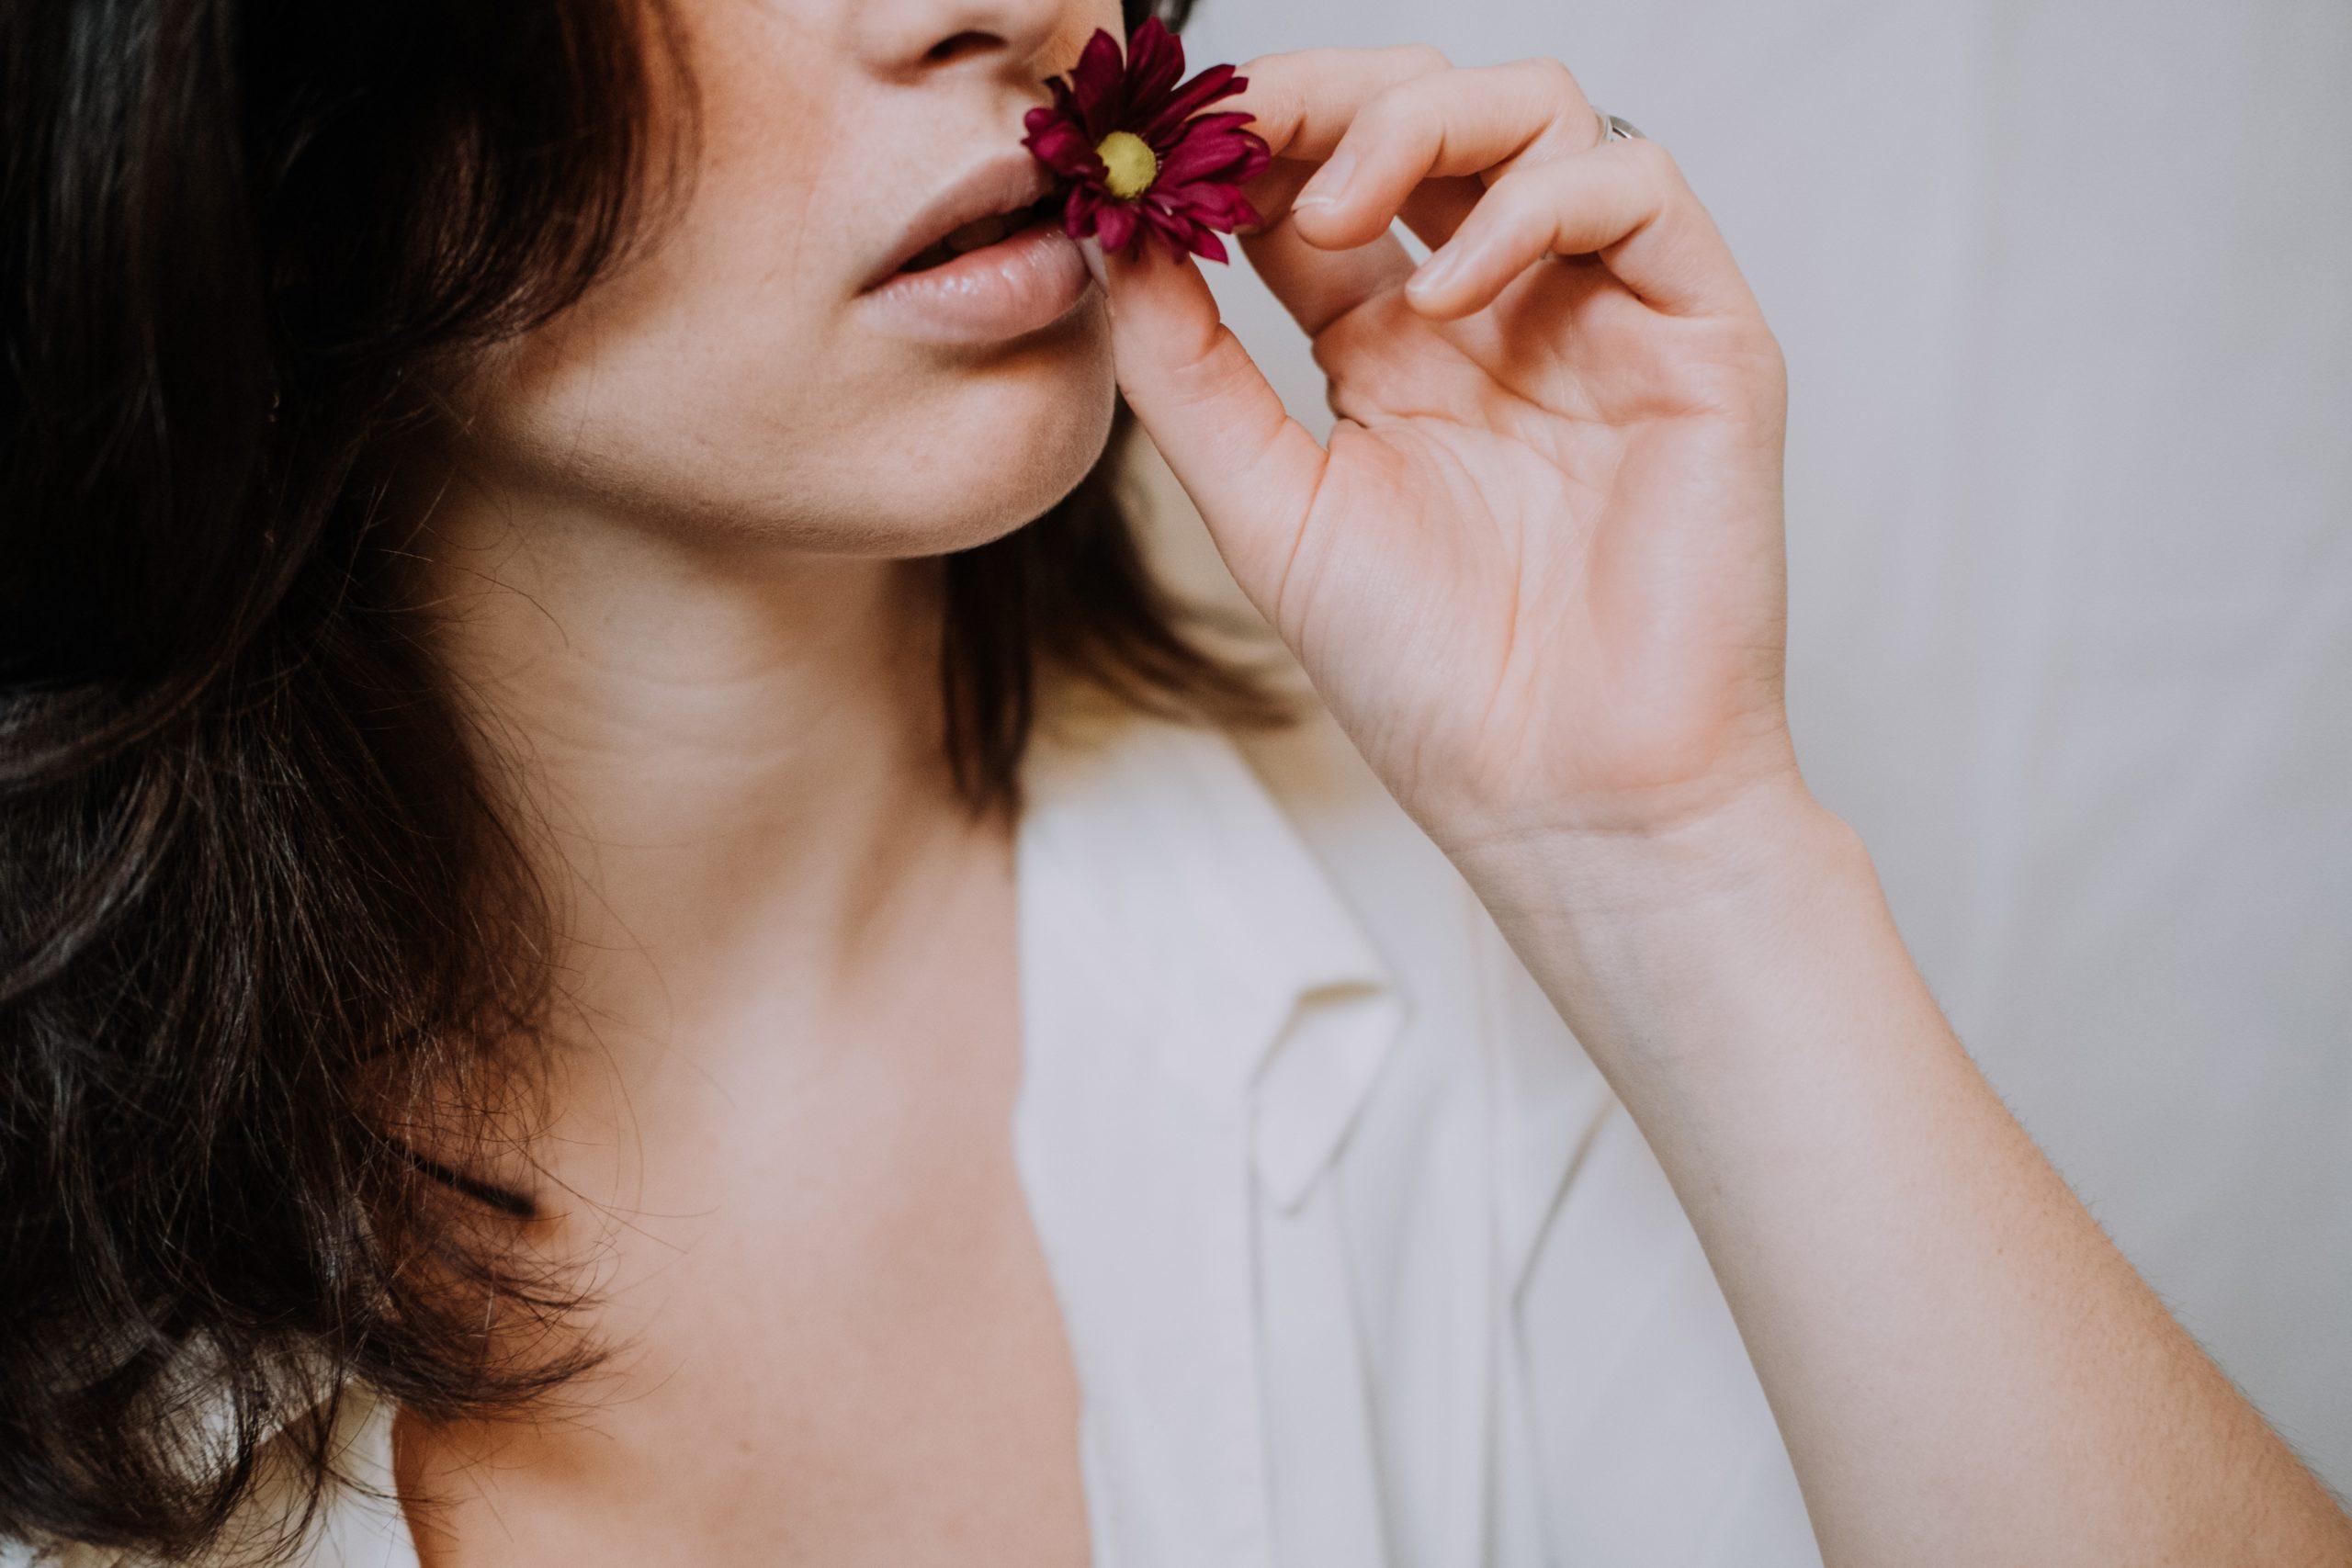 Le jeu du loto est un excellent exercice pour affiner son odorat.